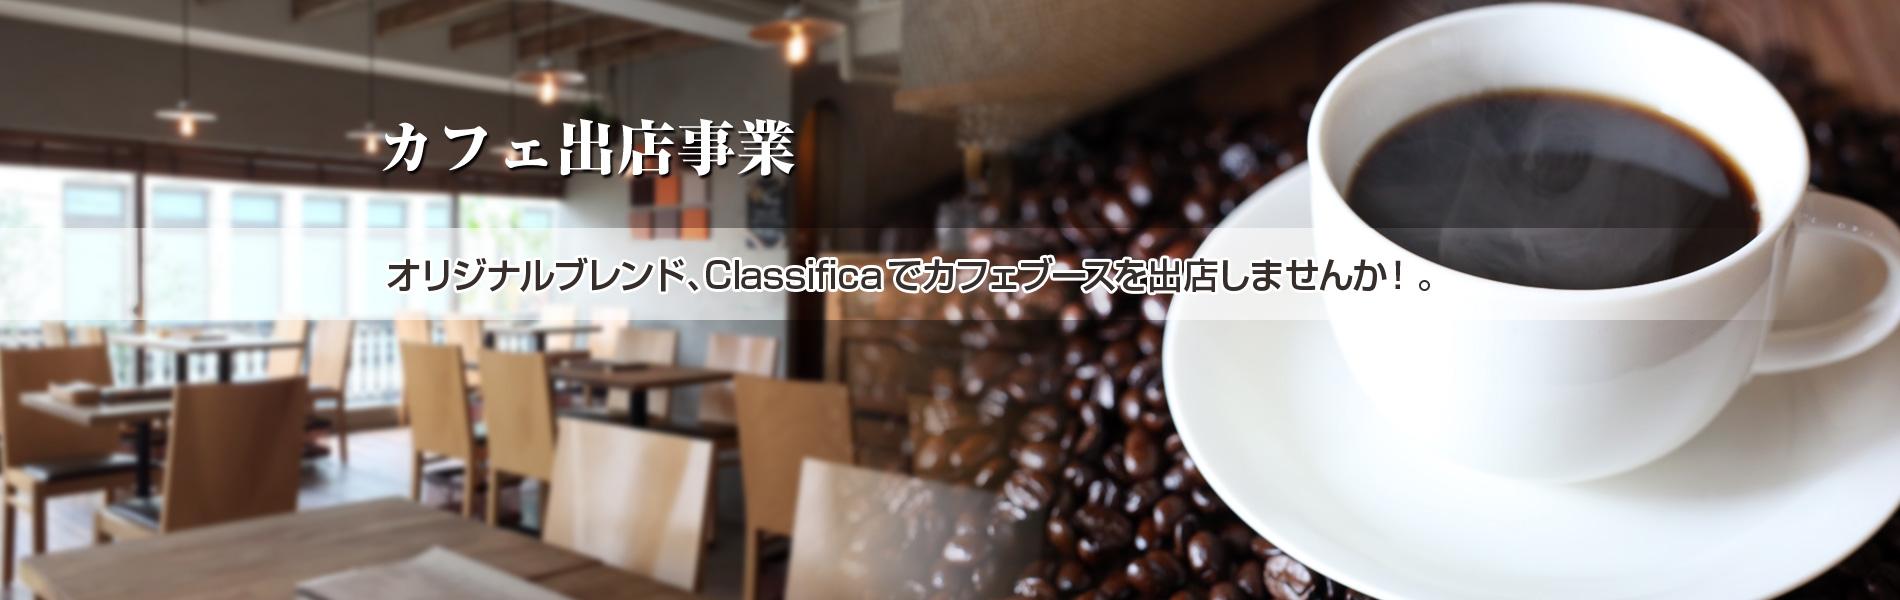 カフェ出店事業 オリジナルブレンドClassificaでカフェブースを出店しませんか!